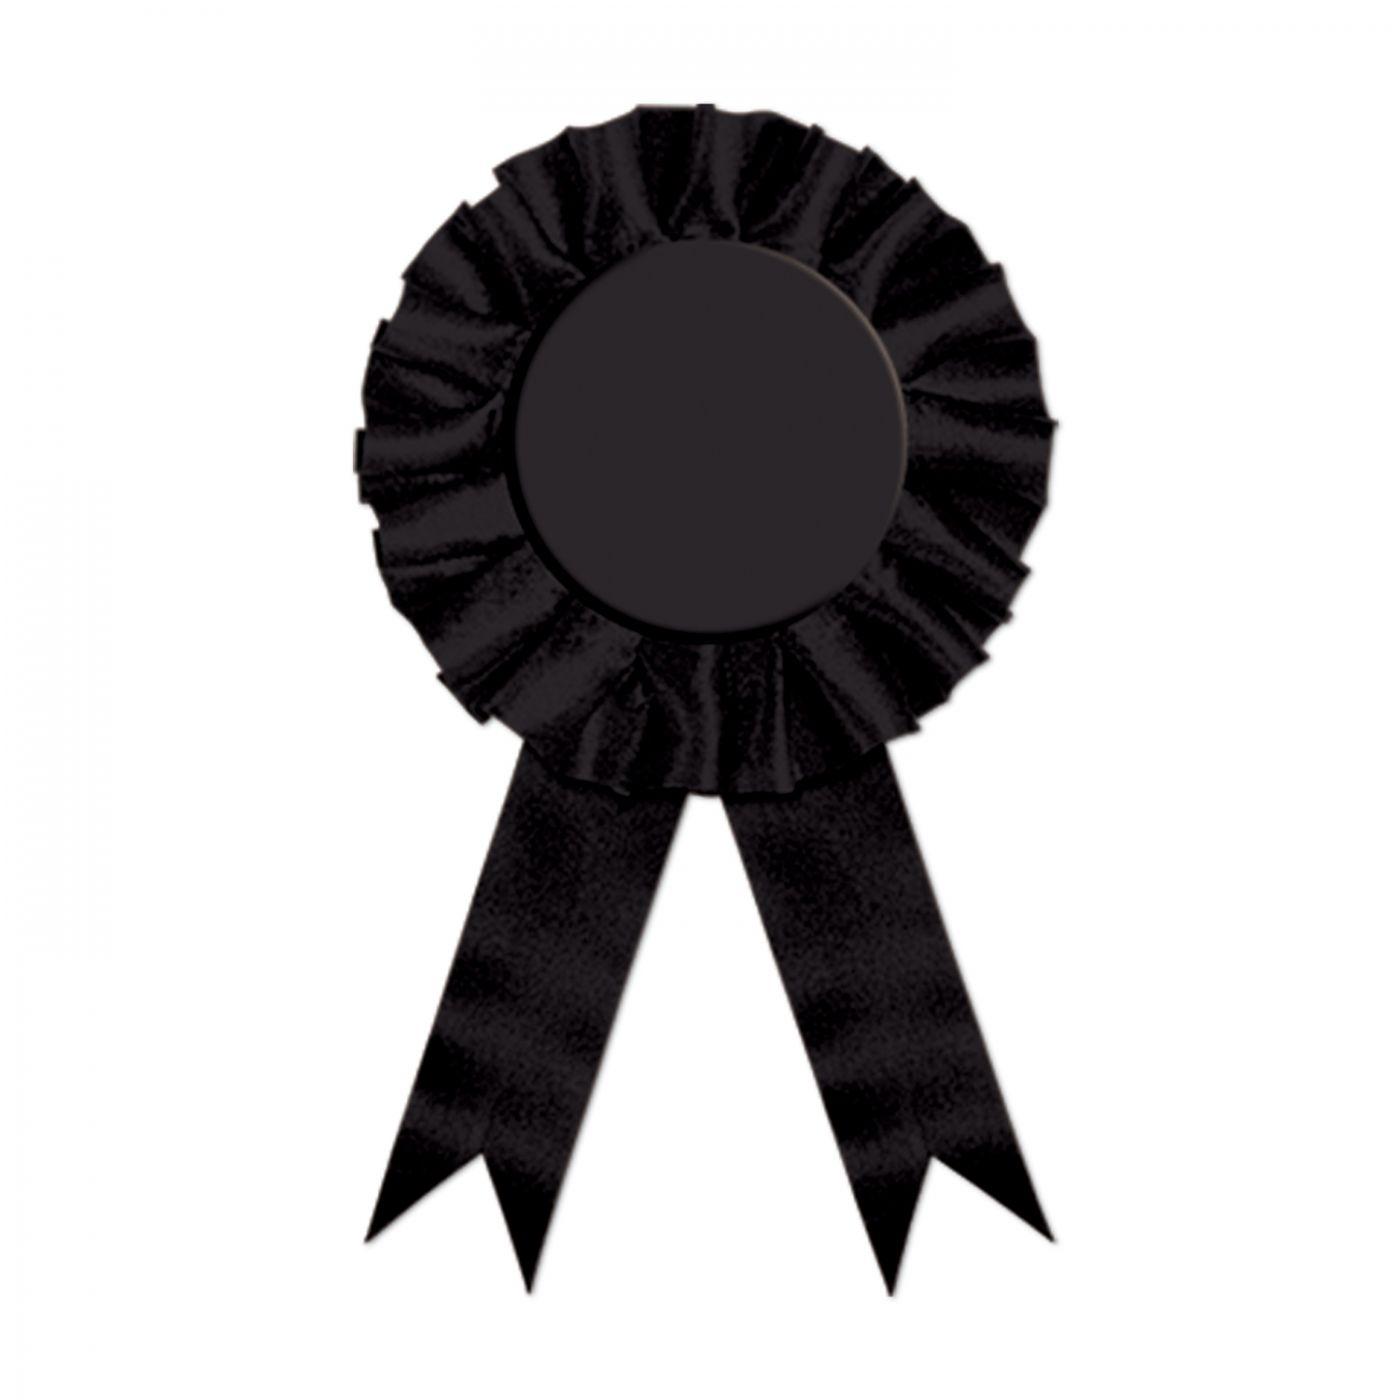 Award Ribbon (6) image